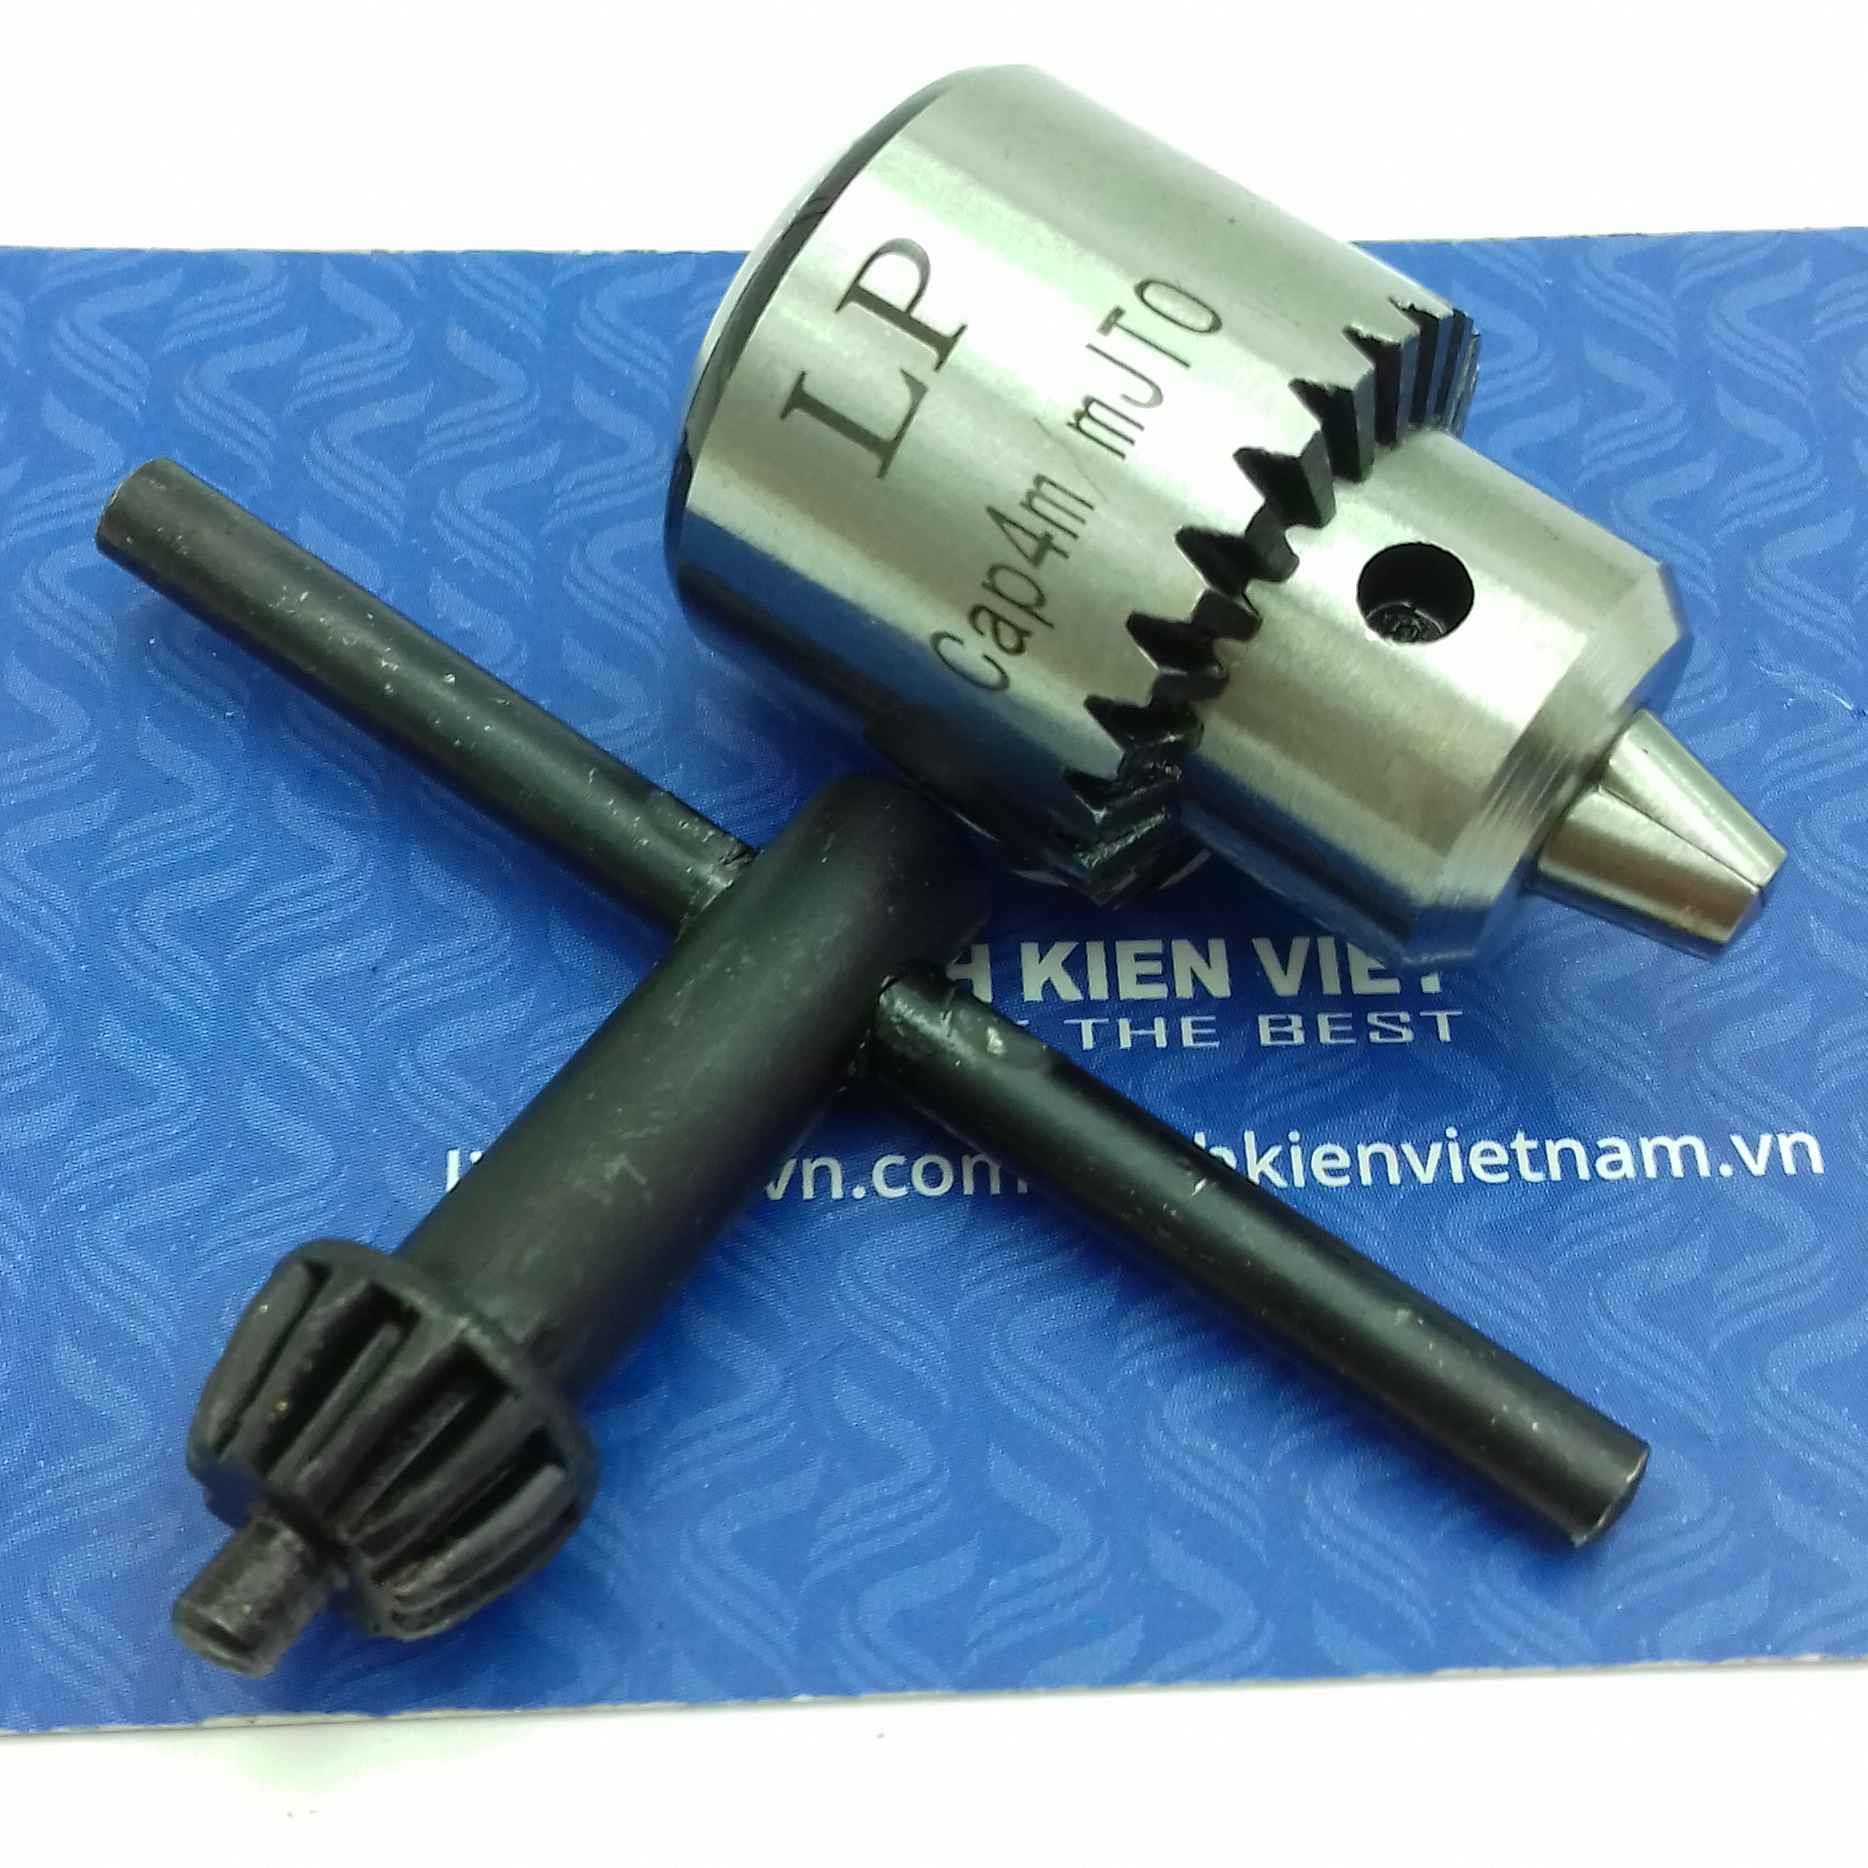 đầu kẹp mũi khoan 0.3-4mm / trục giữ mũi khoang / Đầu khoan mạch 0.3-4mm - i6H17